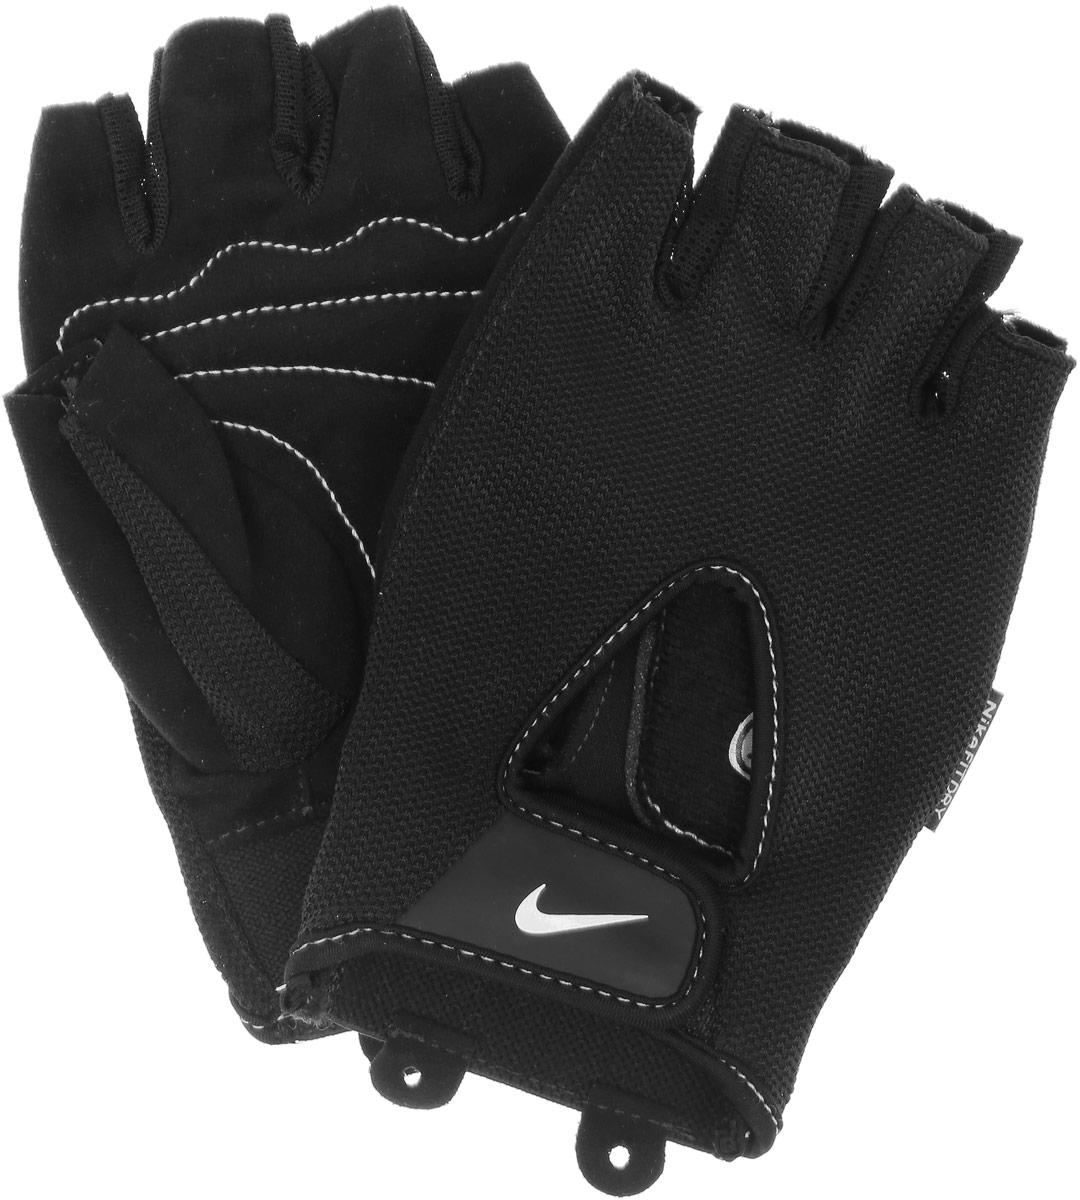 Перчатки для фитнеса мужские Nike  Men's Fundamental Training Gloves , цвет: черный, белый. Размер M - Одежда, экипировка